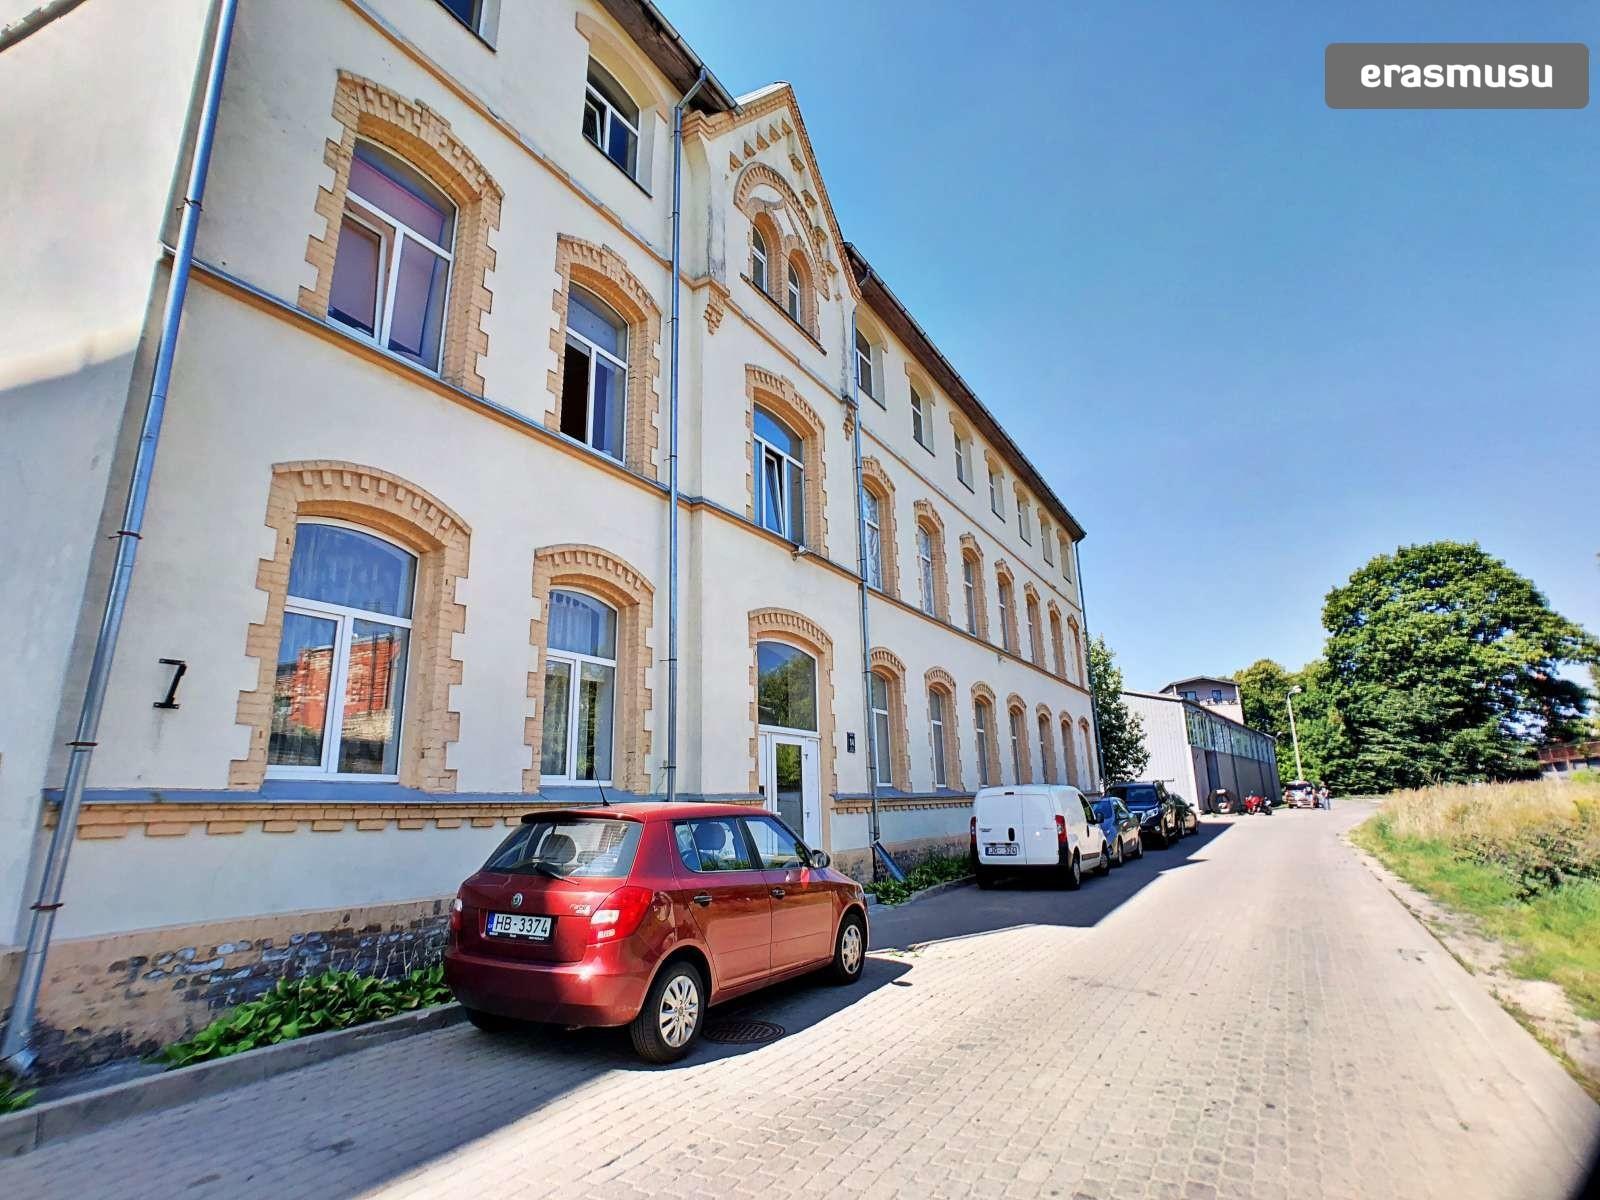 cheery-cute-studio-apartment-rent-dzirciems-3ca46b5c86b911995185